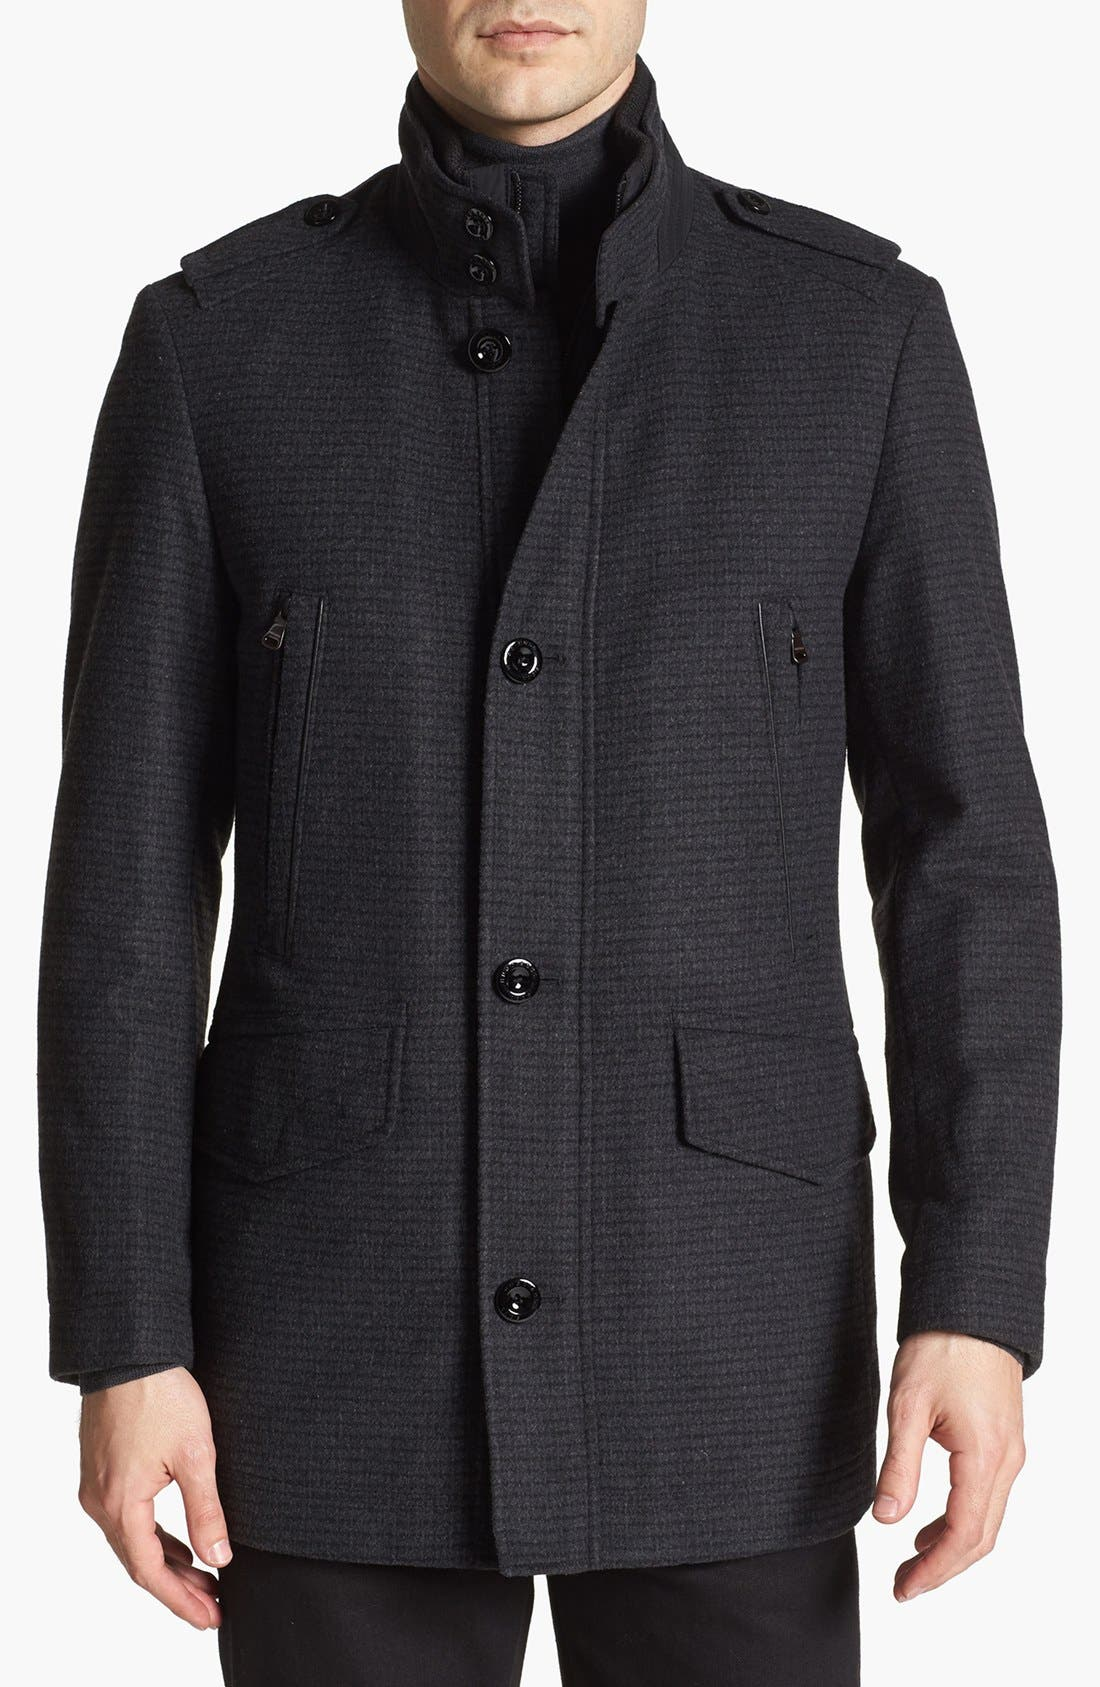 Alternate Image 1 Selected - BOSS HUGO BOSS 'Cossam' Jacket